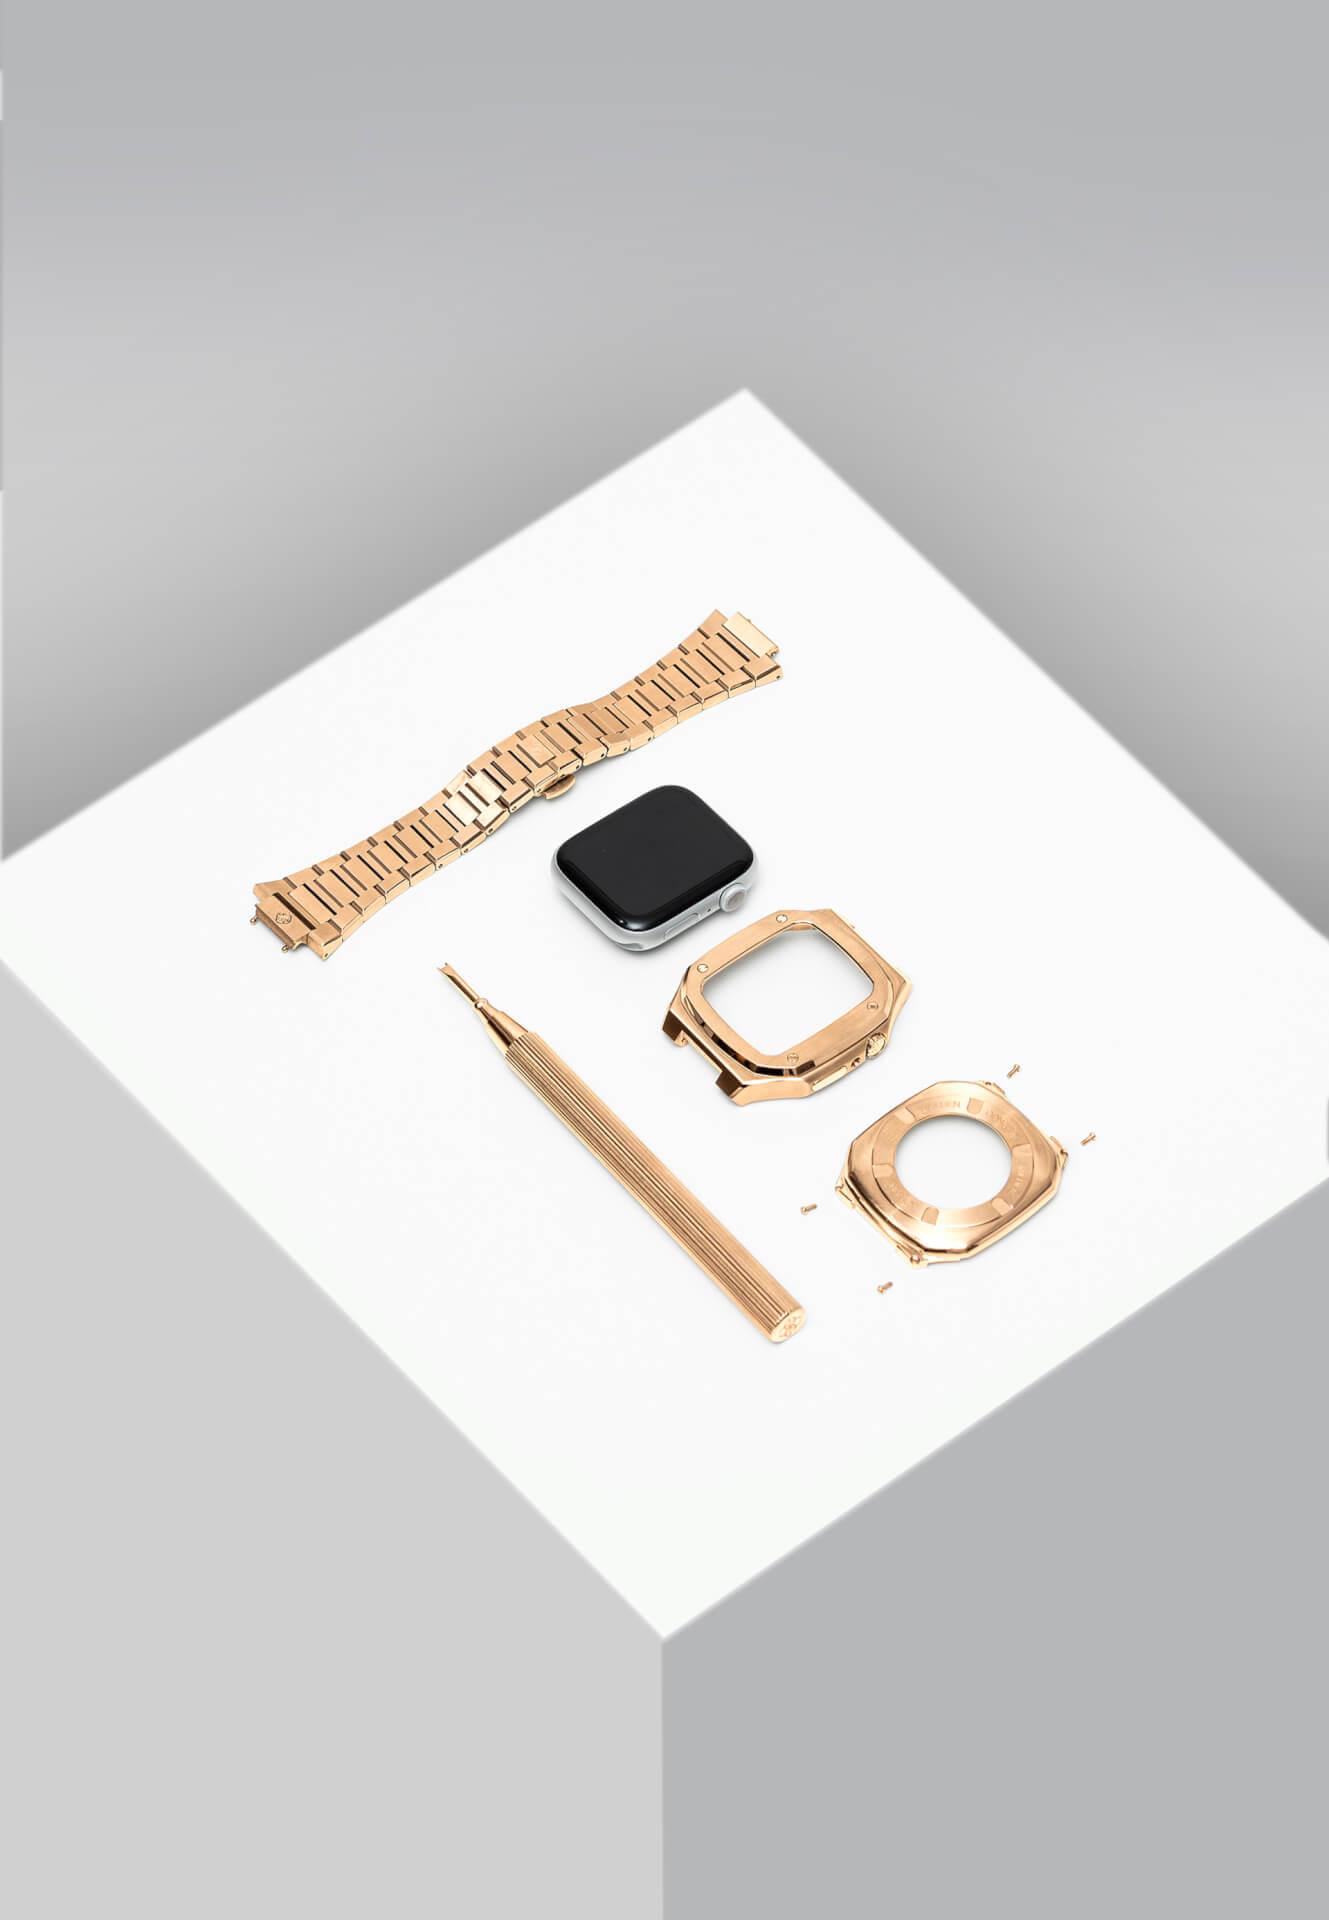 高級感漂うGOLDEN CONCEPTのApple Watchケースに待望の40mm用新コレクションが登場!ホワイト、イエローなどの新カラーがラインナップ tech201124_applewatch_case_12